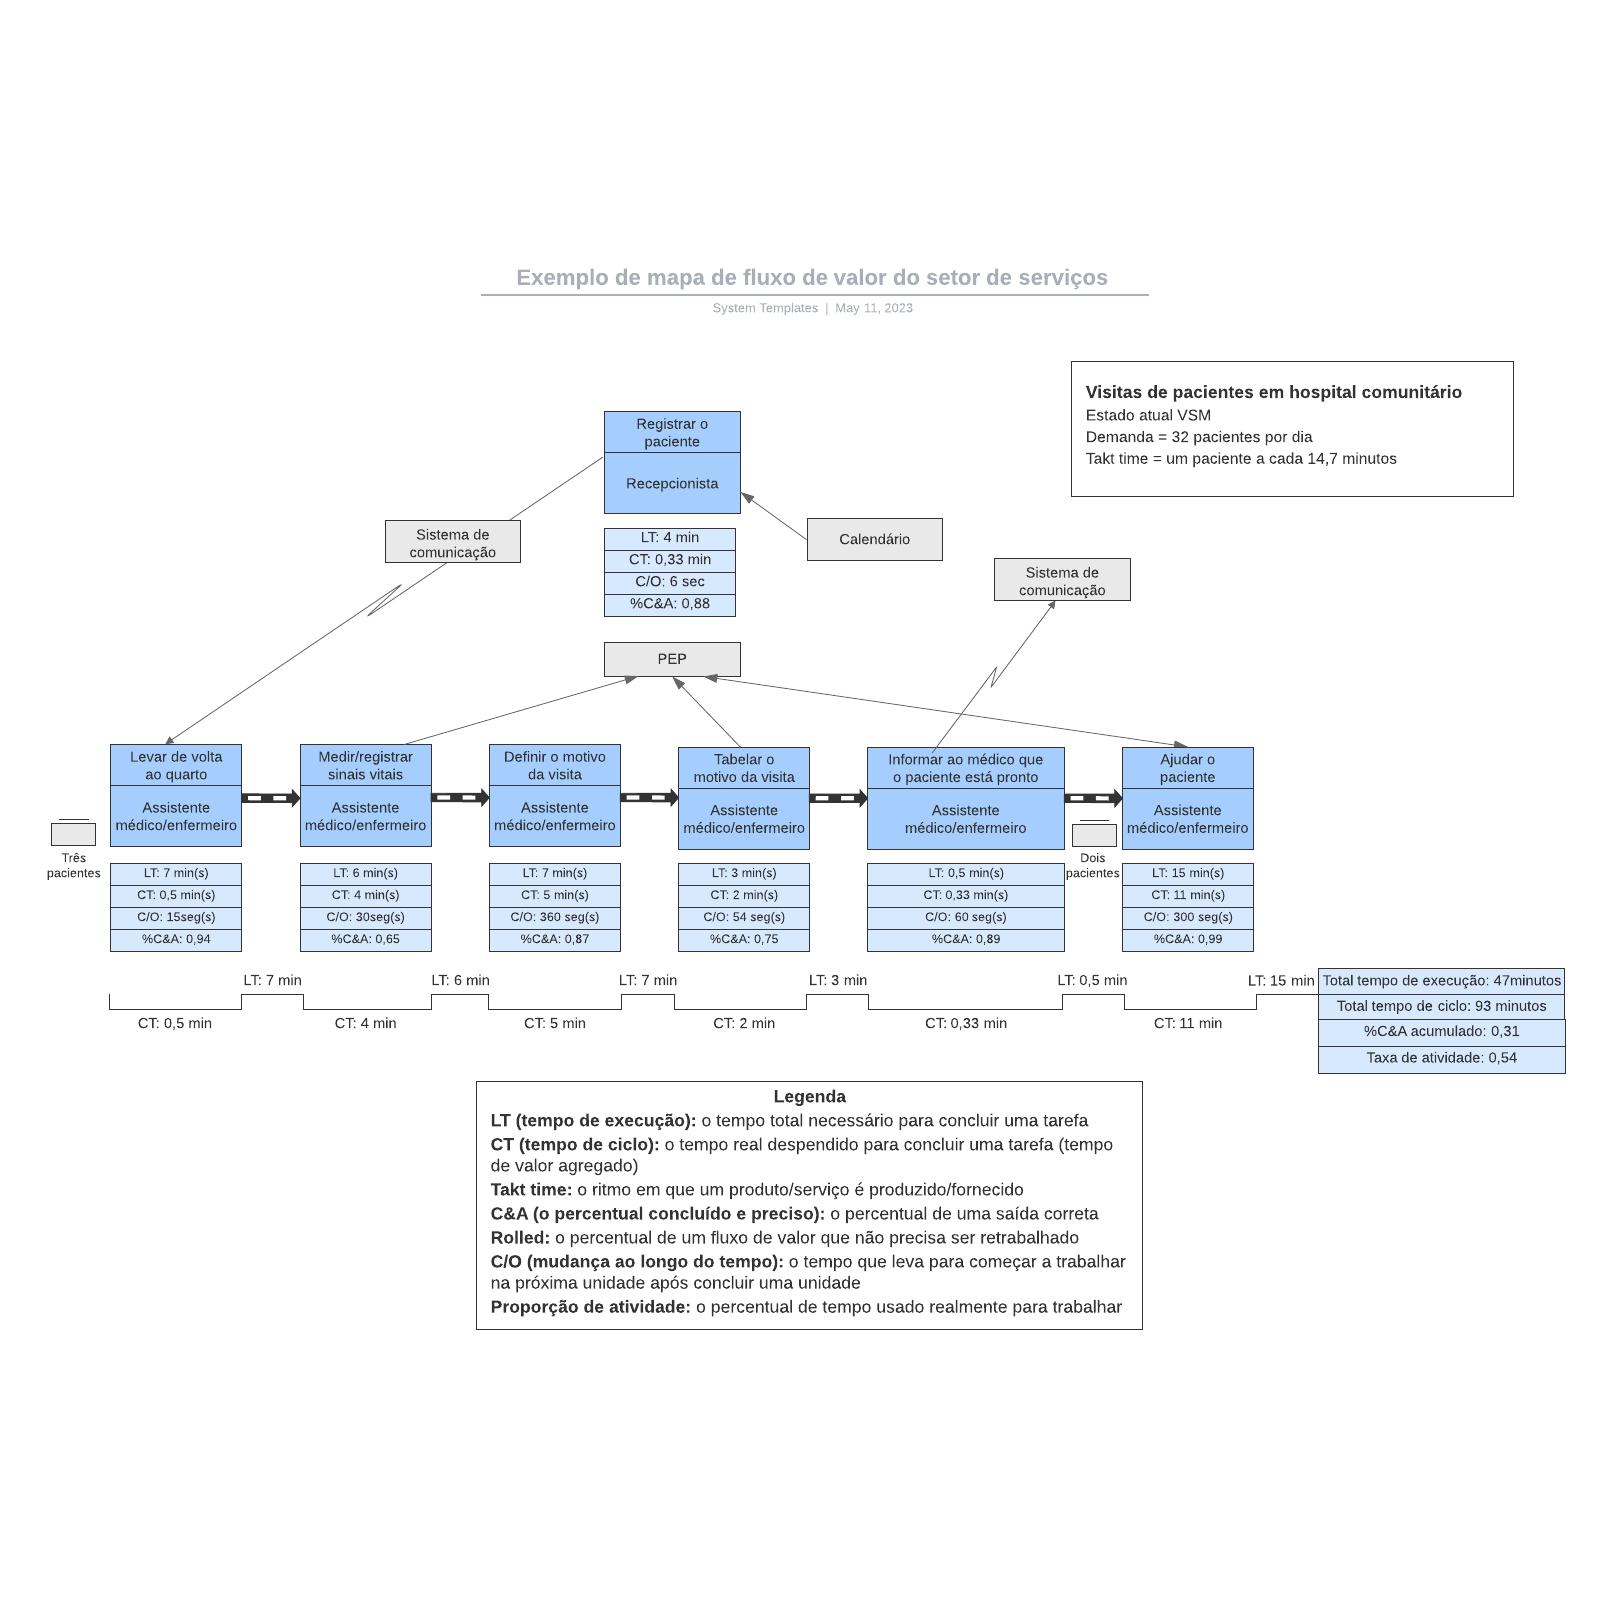 Exemplo de mapa de fluxo de valor do setor de serviços